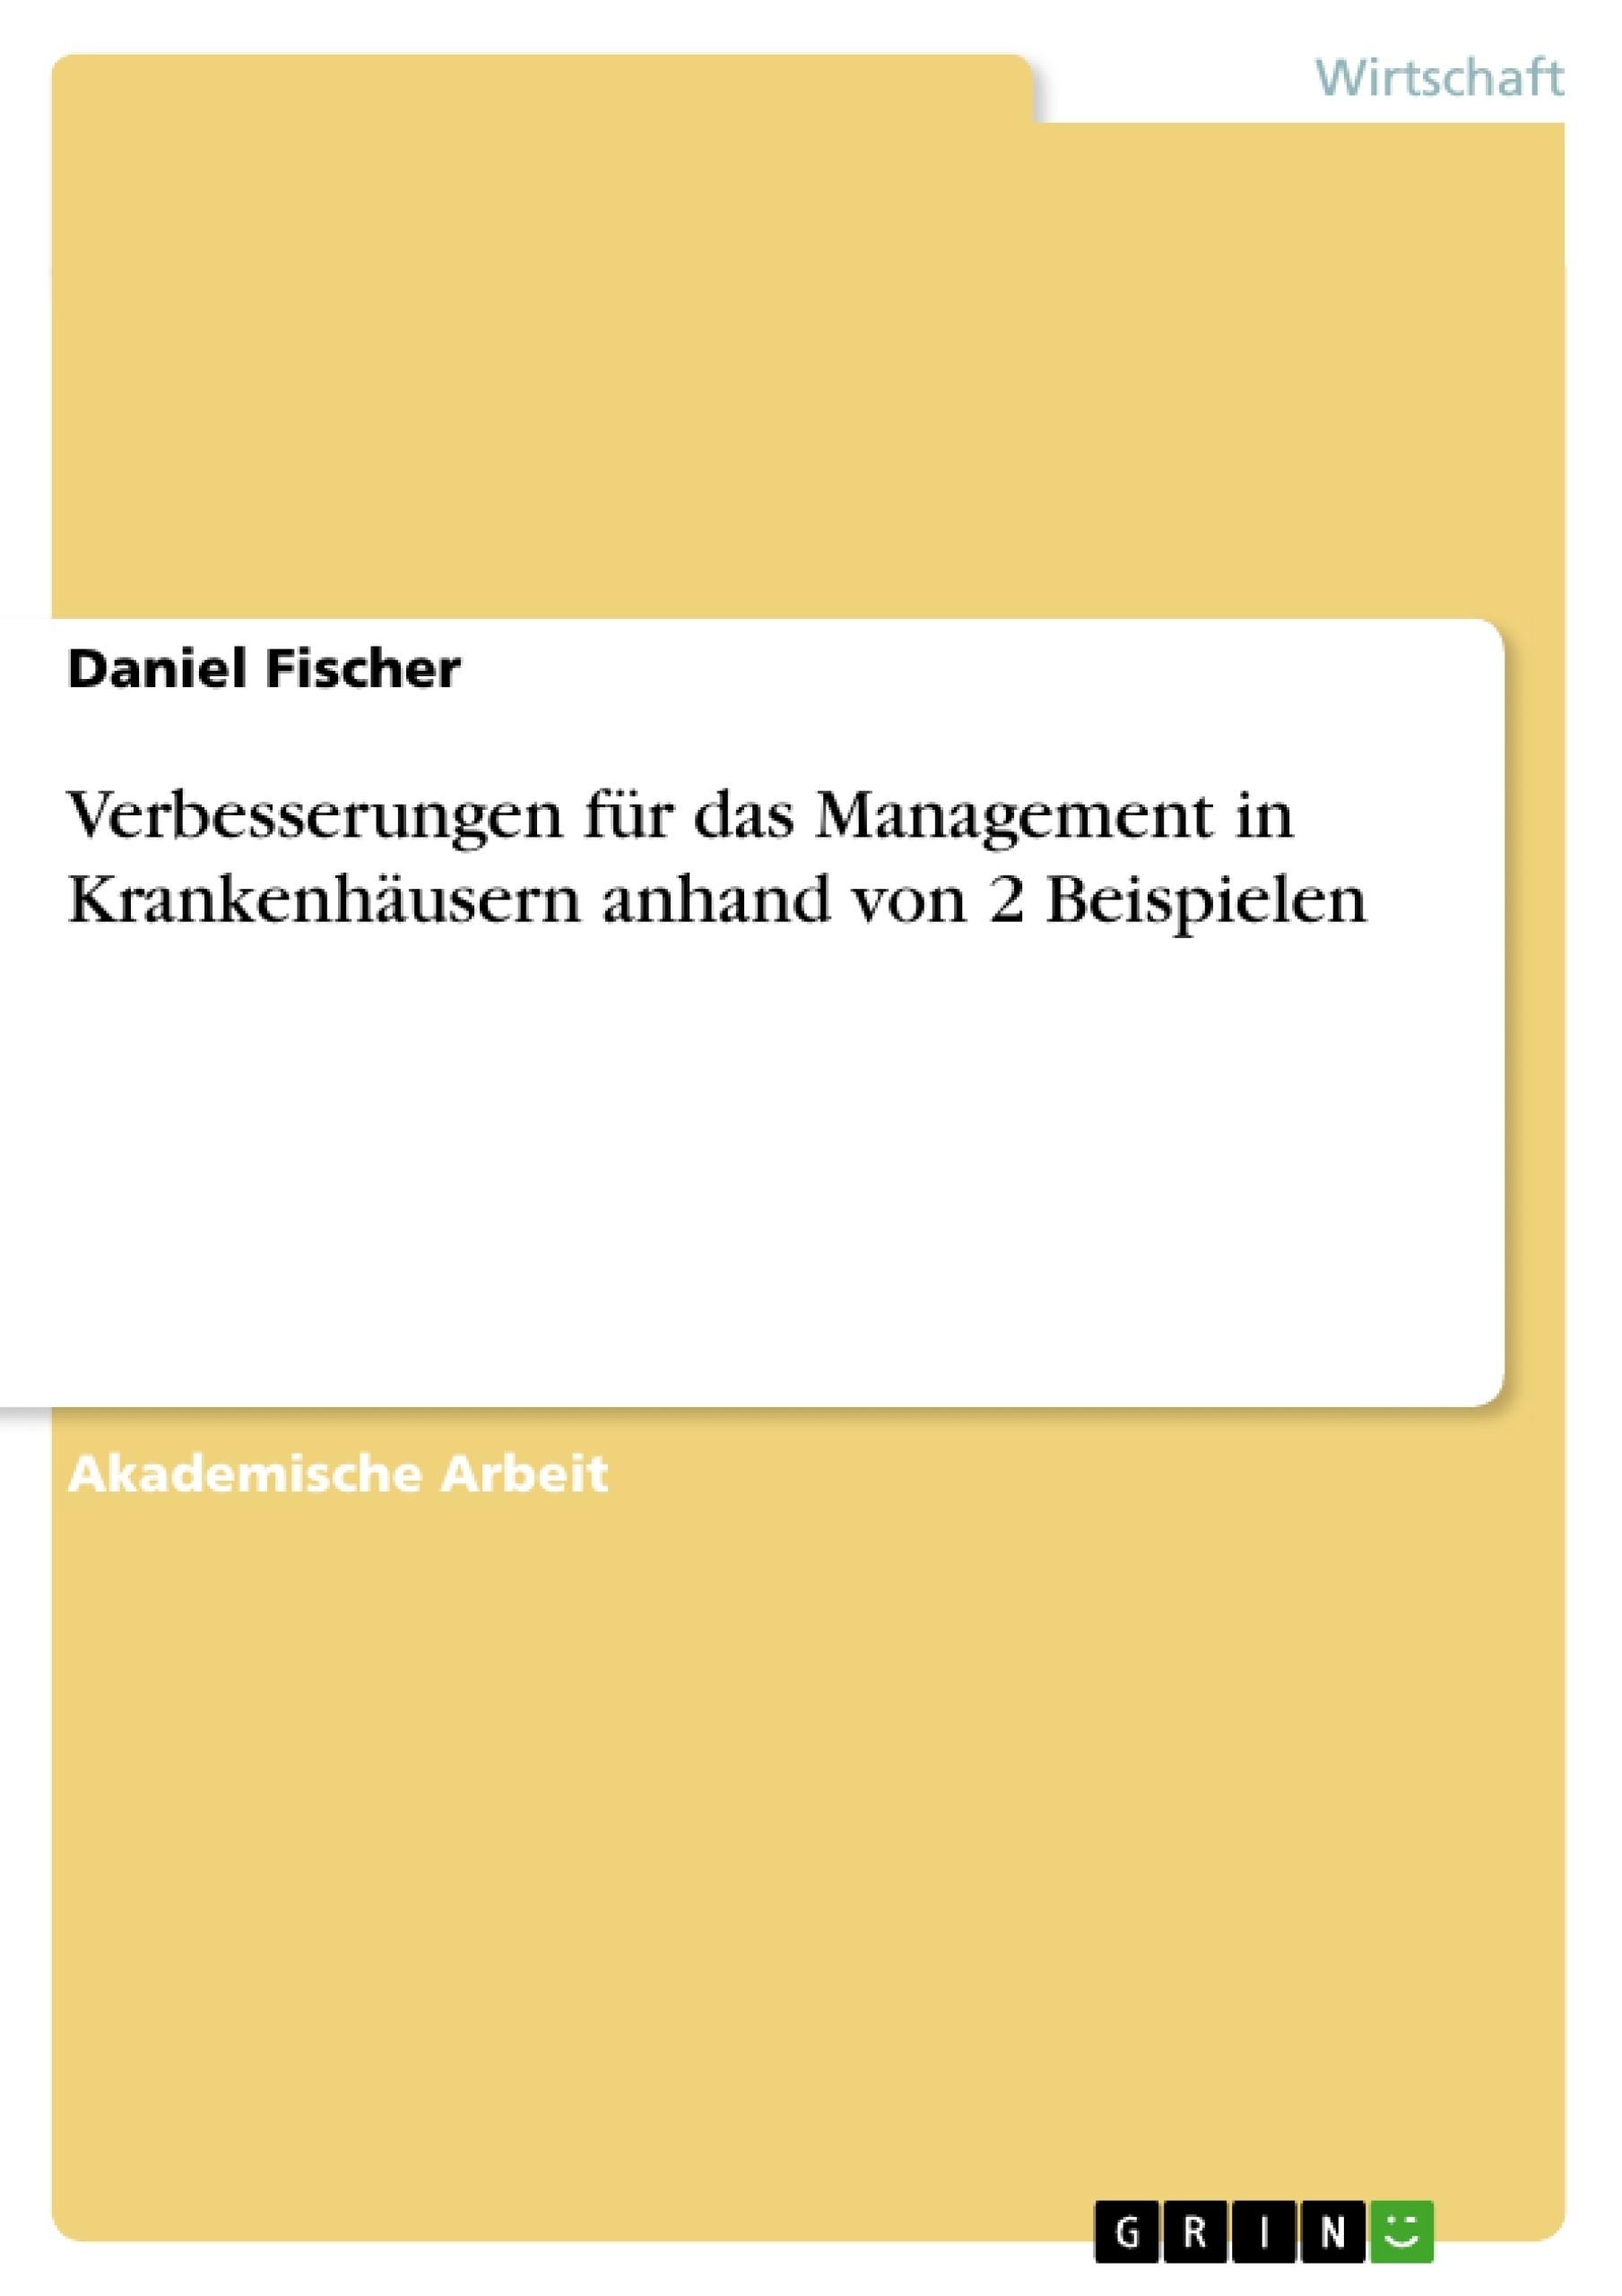 Titel: Verbesserungen für das Management in Krankenhäusern anhand von 2 Beispielen